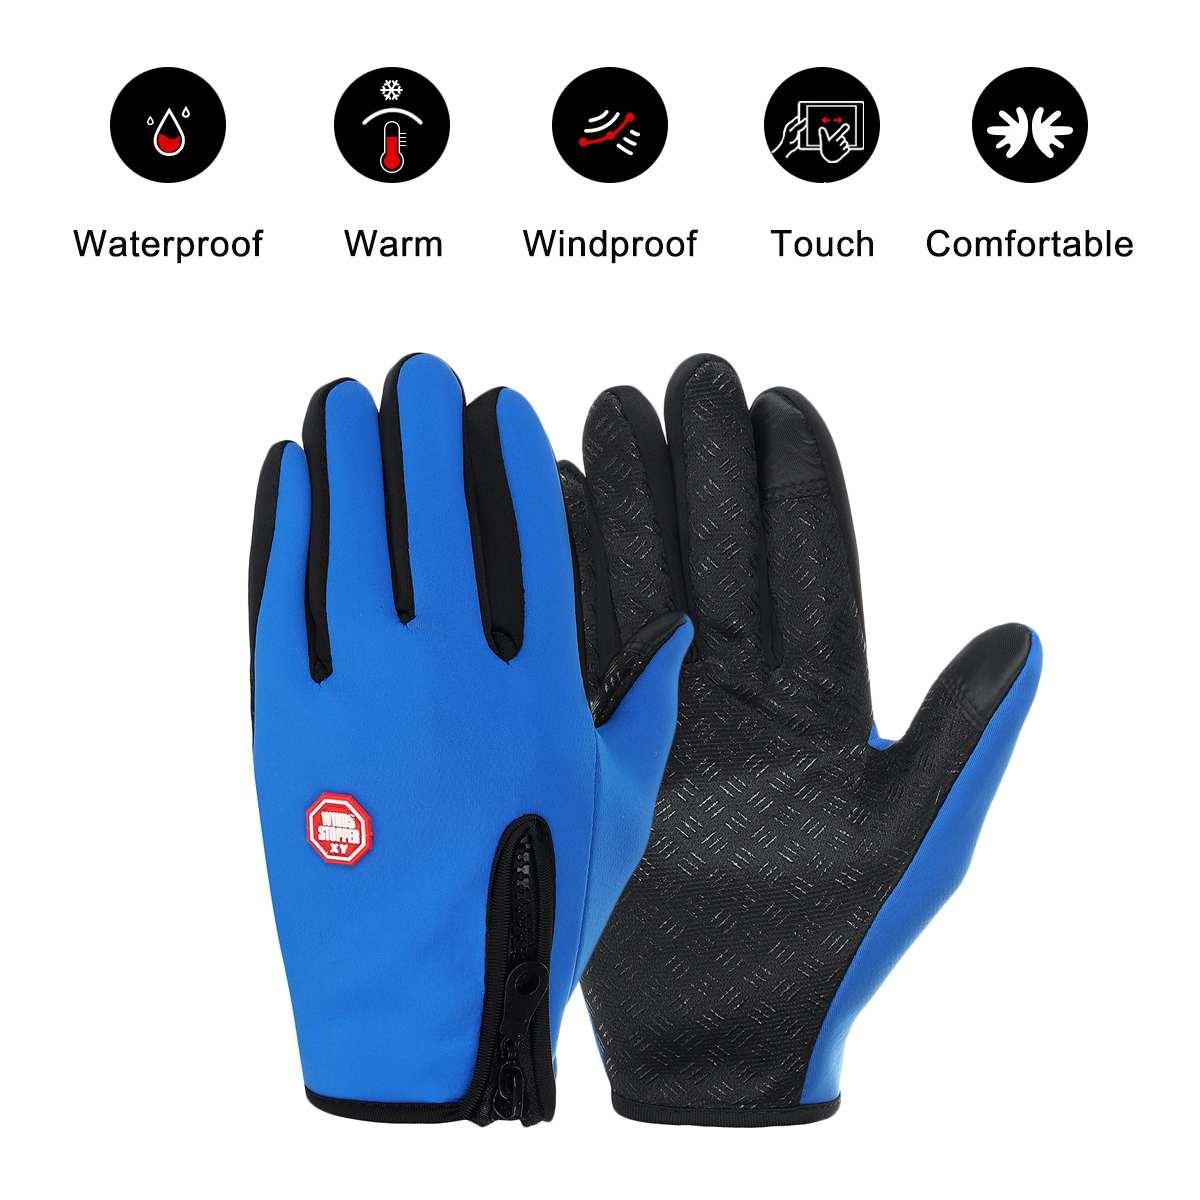 Водонепроницаемые зимние перчатки для сенсорного экрана, мужские теплые лыжные перчатки, перчатки для сноуборда, мотоциклетные перчатки с ...